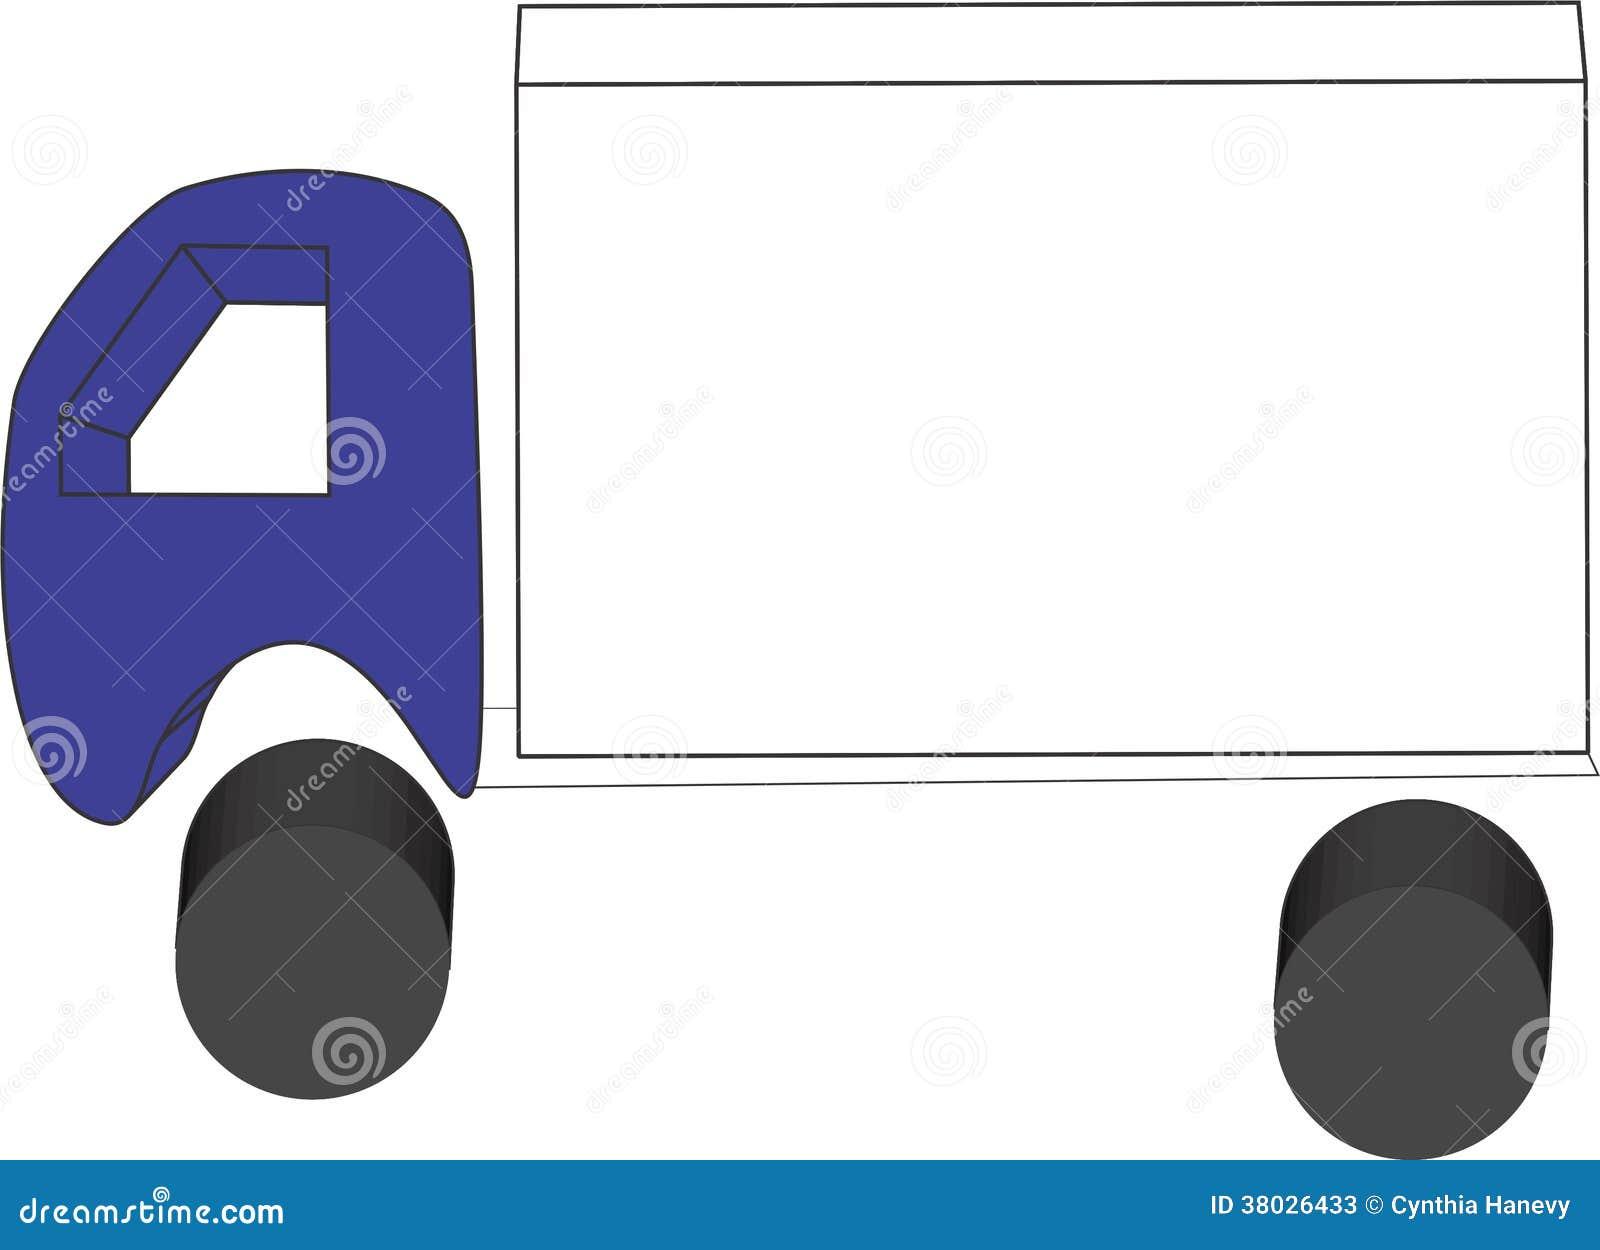 Camion semplice nella prospettiva 3d con stanza su traile for Testo il cielo nella stanza